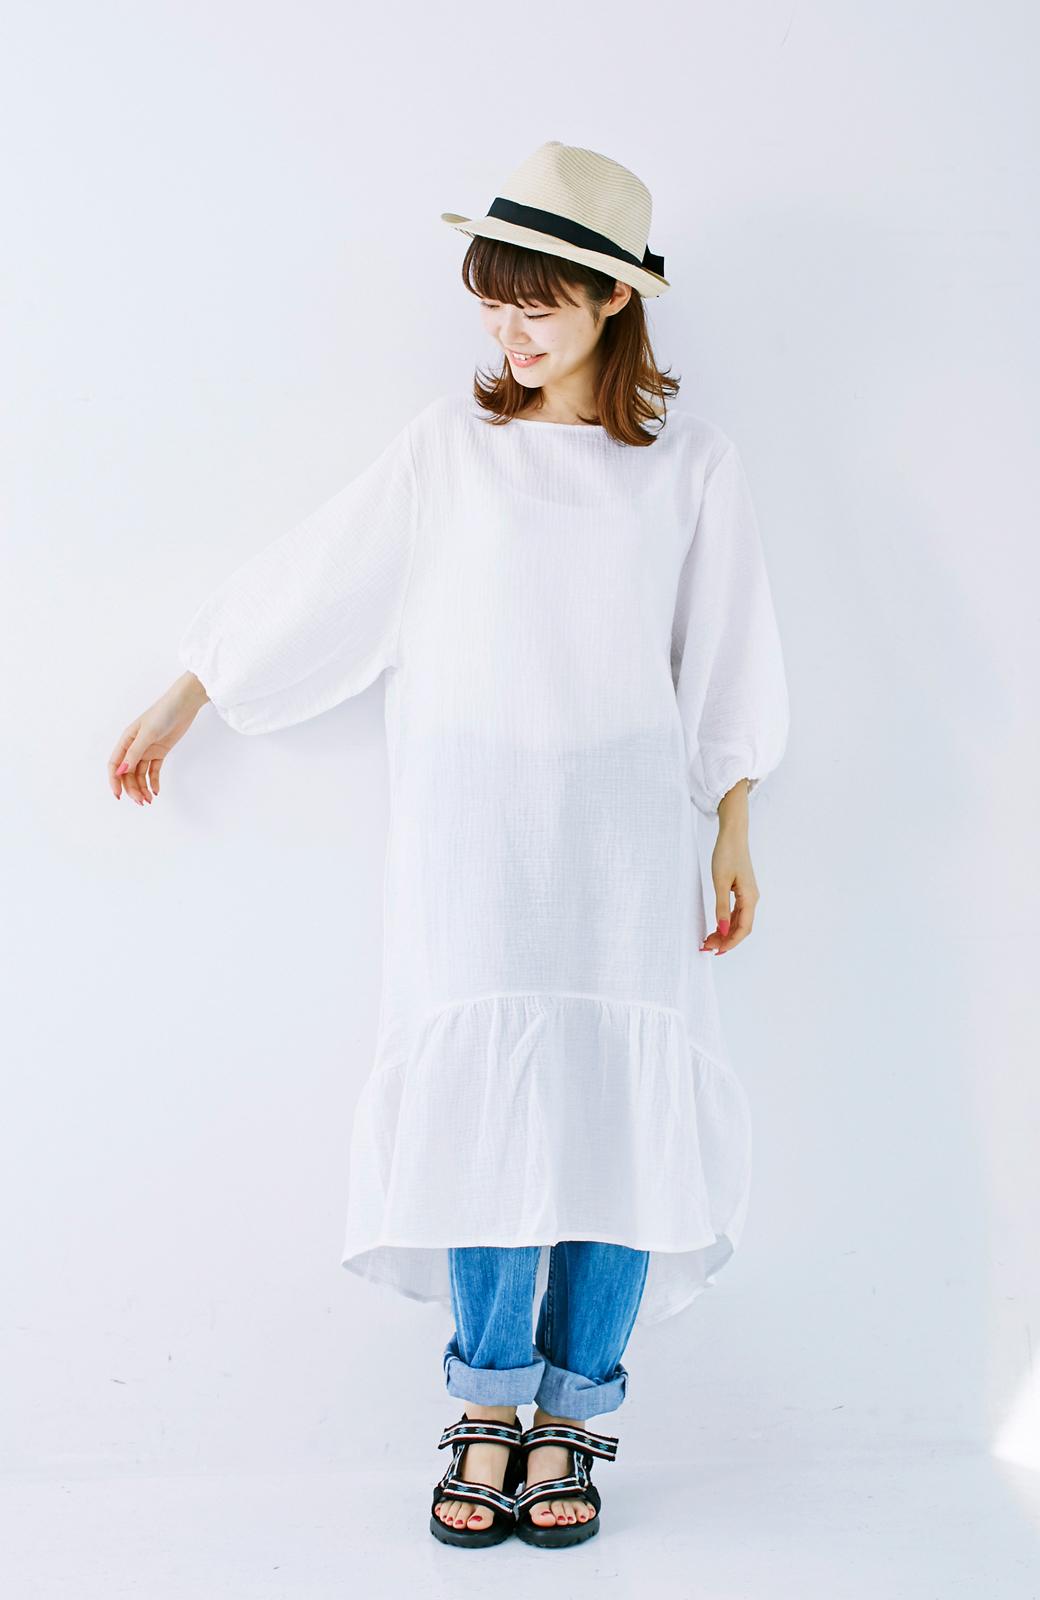 nusy すぽっと着られて着心地さわやか ぽんわり袖ガーゼワンピース <ホワイト>の商品写真12